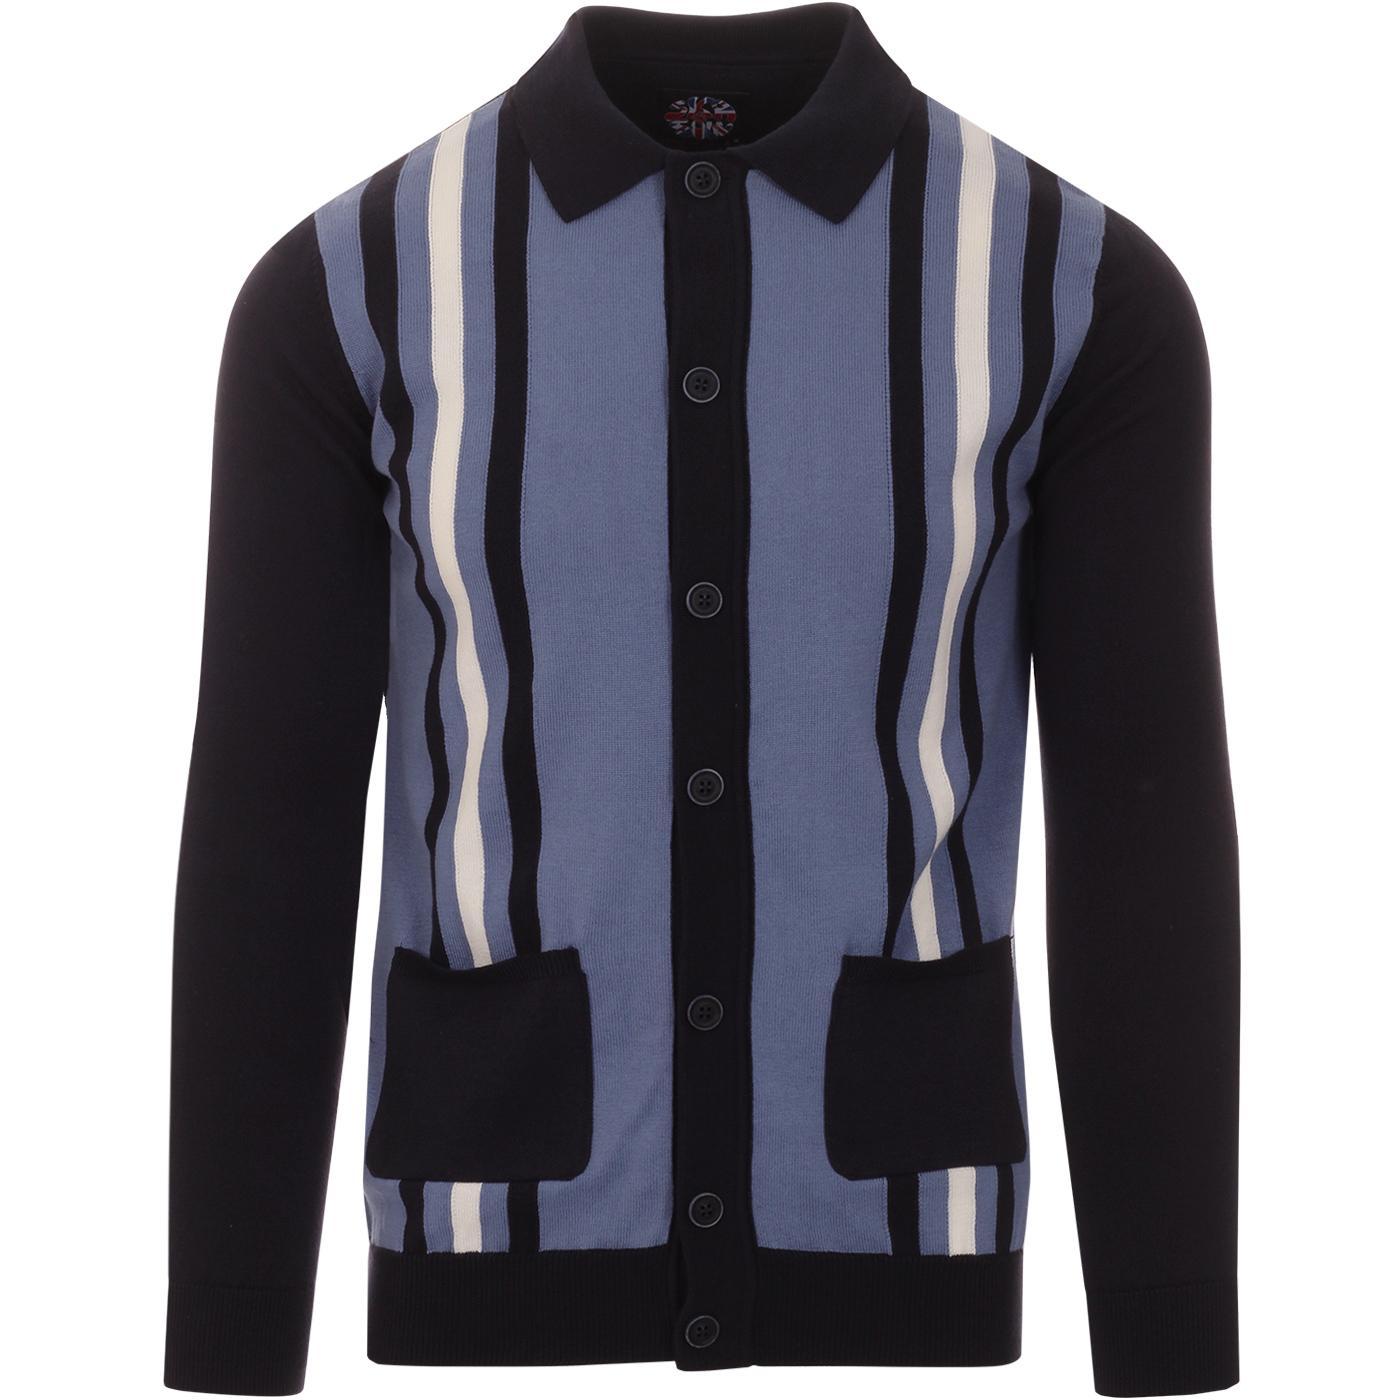 SKA & SOUL 60s Mod Stripe Knit Polo Cardigan NAVY